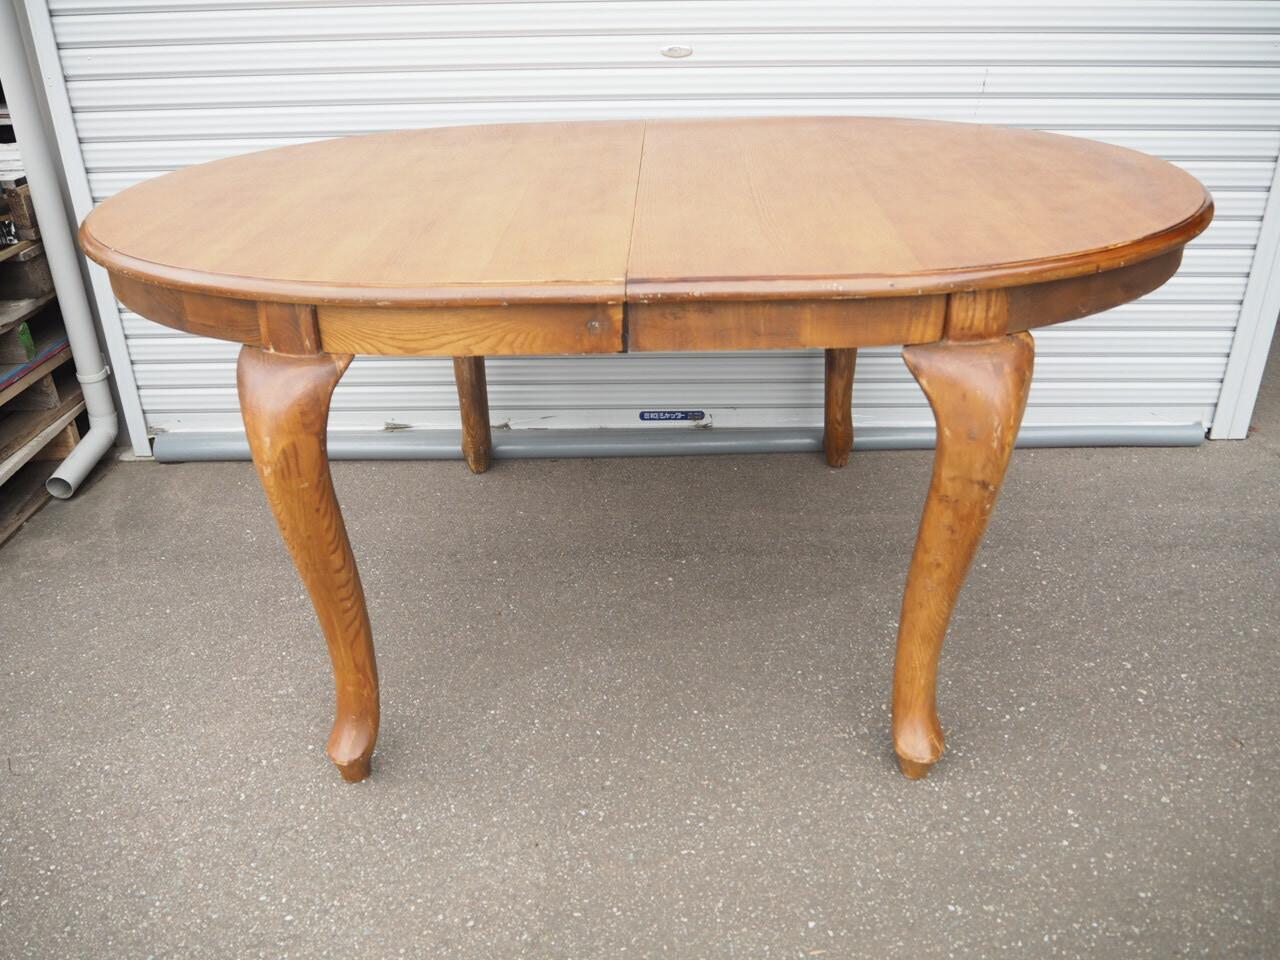 品番0472 エクステンションテーブル / Table